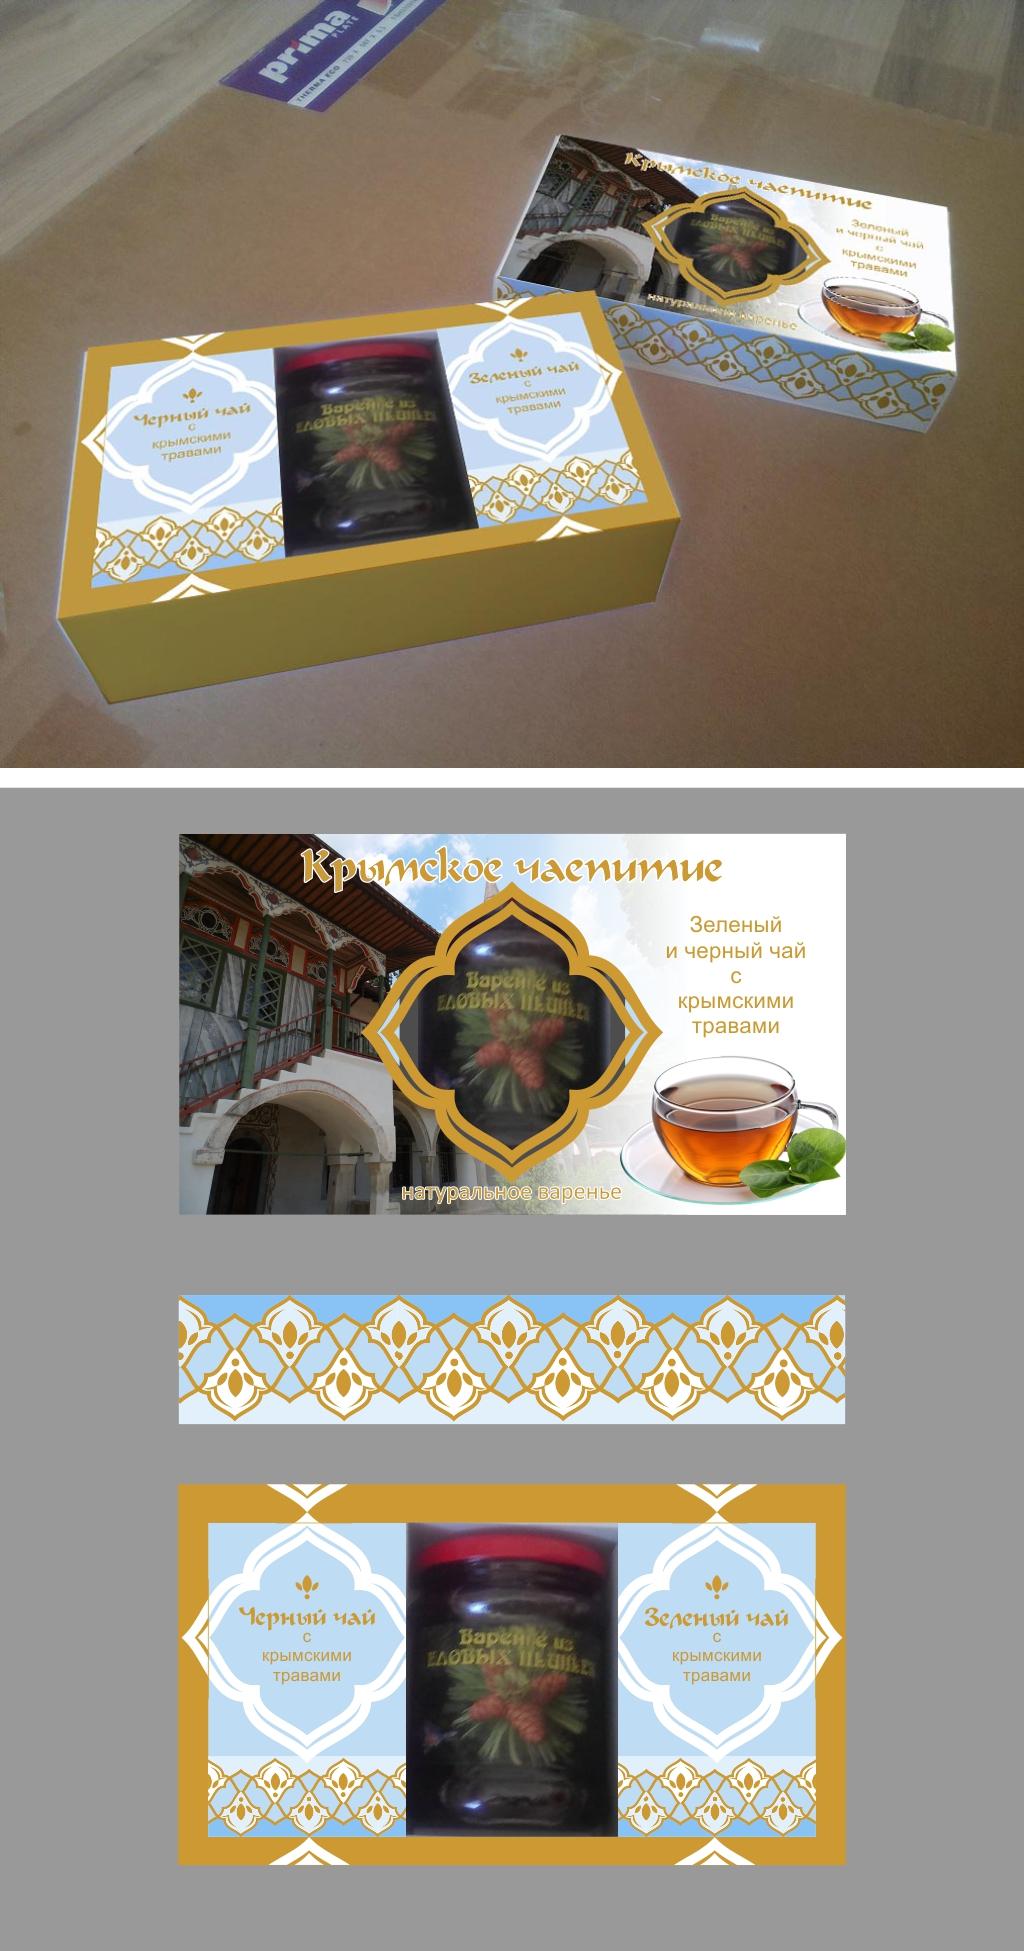 Дизайн подарочной-сувенирной коробки: с чаем и варением фото f_1585a579a1b084c4.jpg